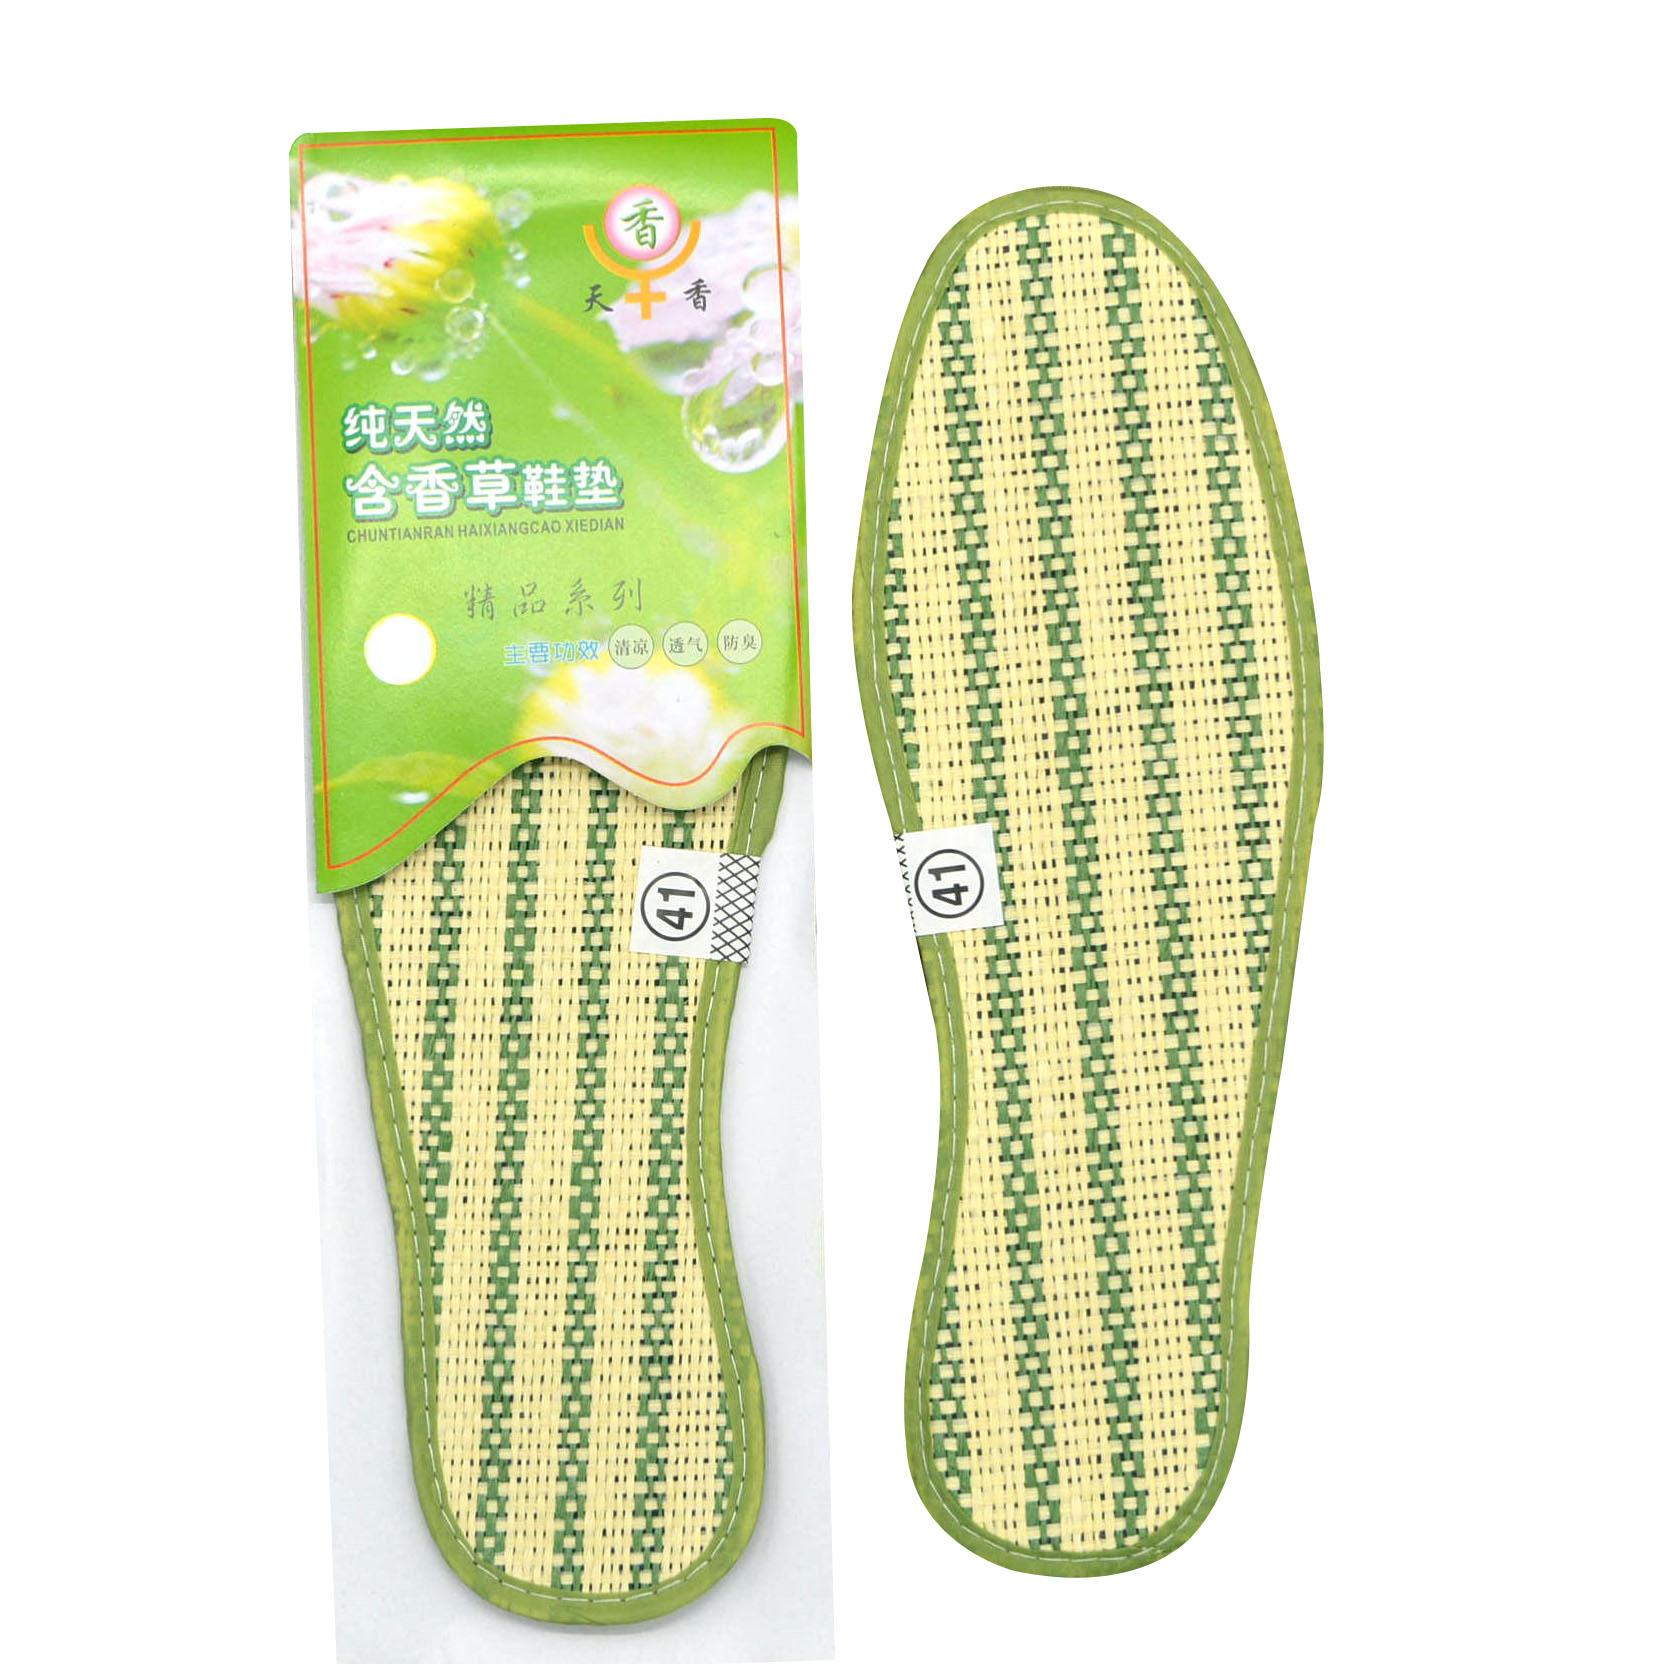 夏季 含香草鞋垫 清凉透气鞋垫 天然草编 无臭鞋垫